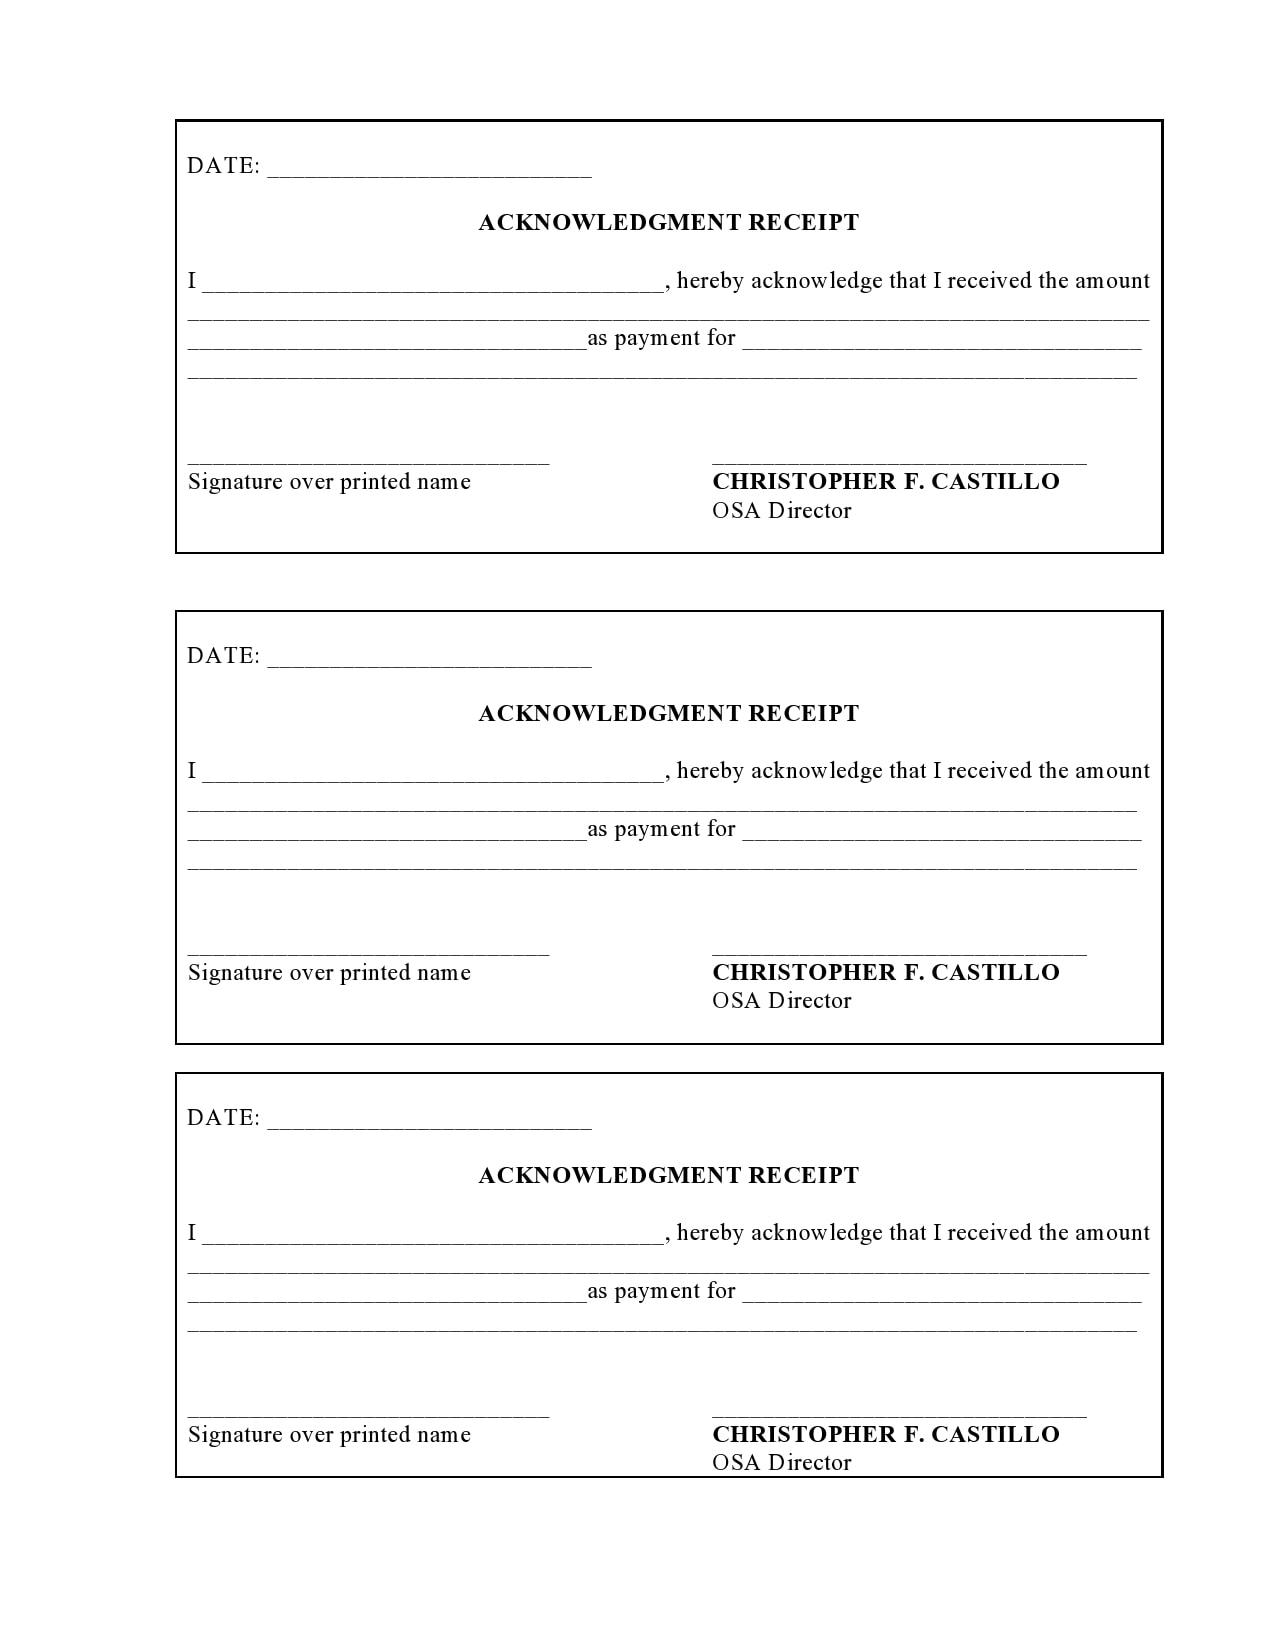 acknowledgement receipt 02